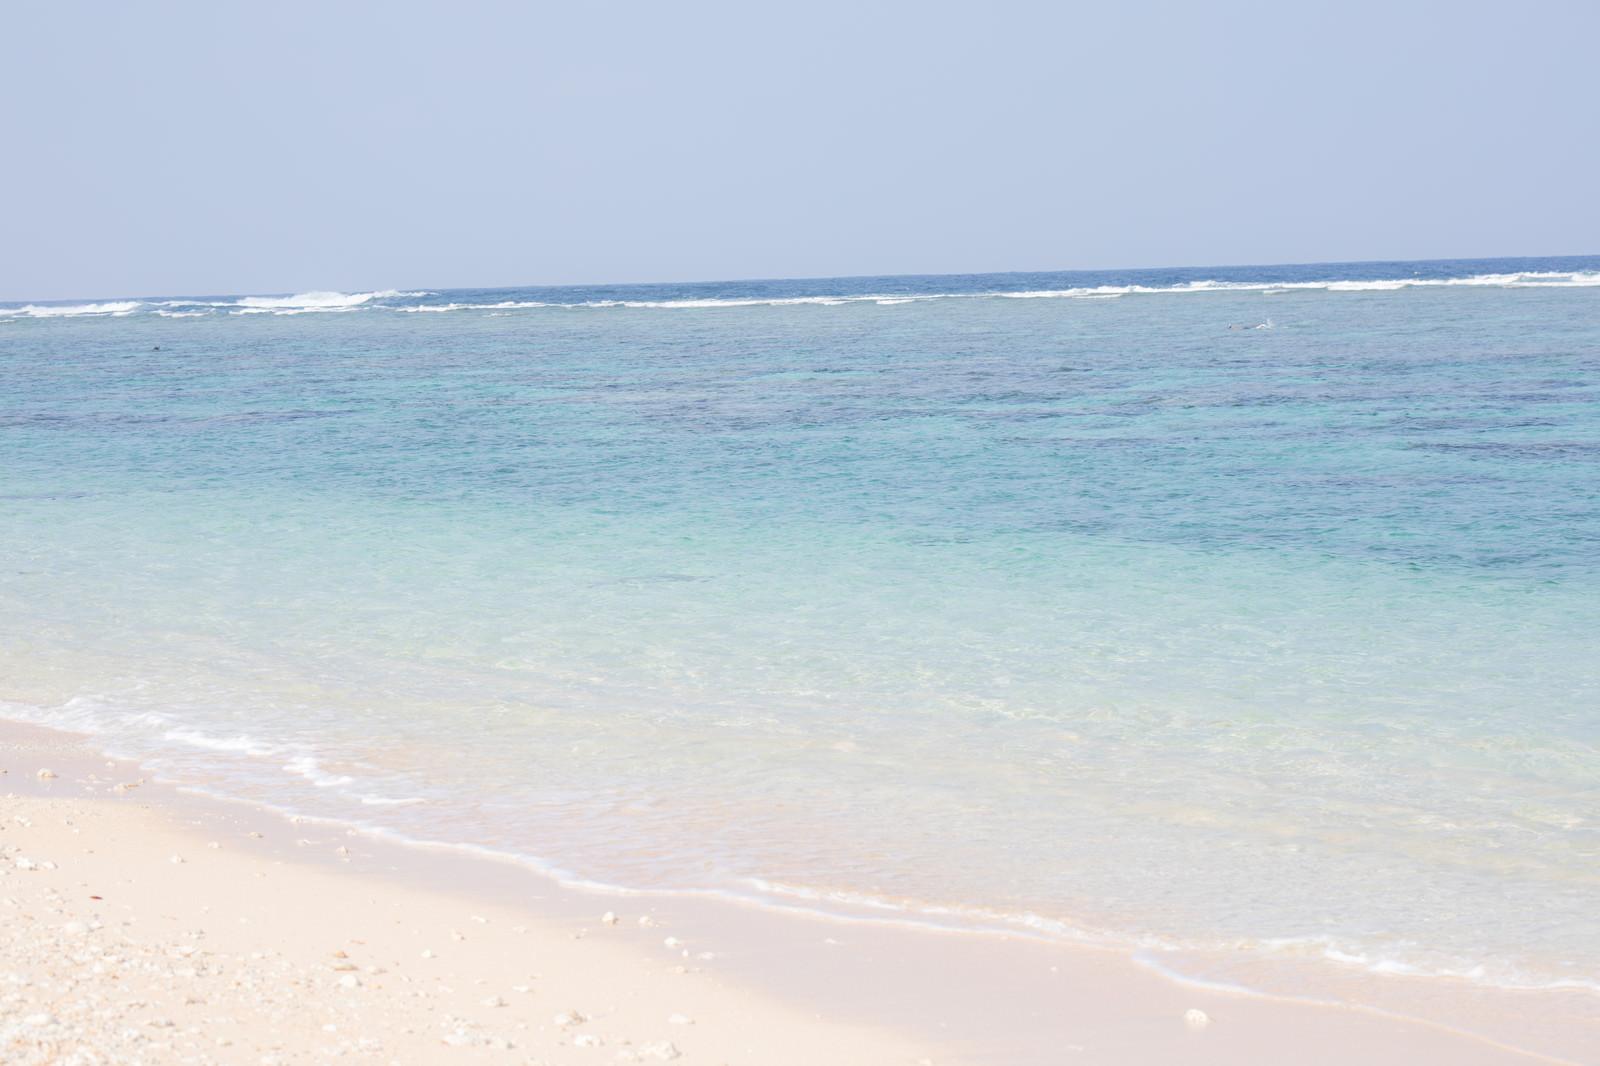 「白い砂浜と宮古島の海白い砂浜と宮古島の海」のフリー写真素材を拡大